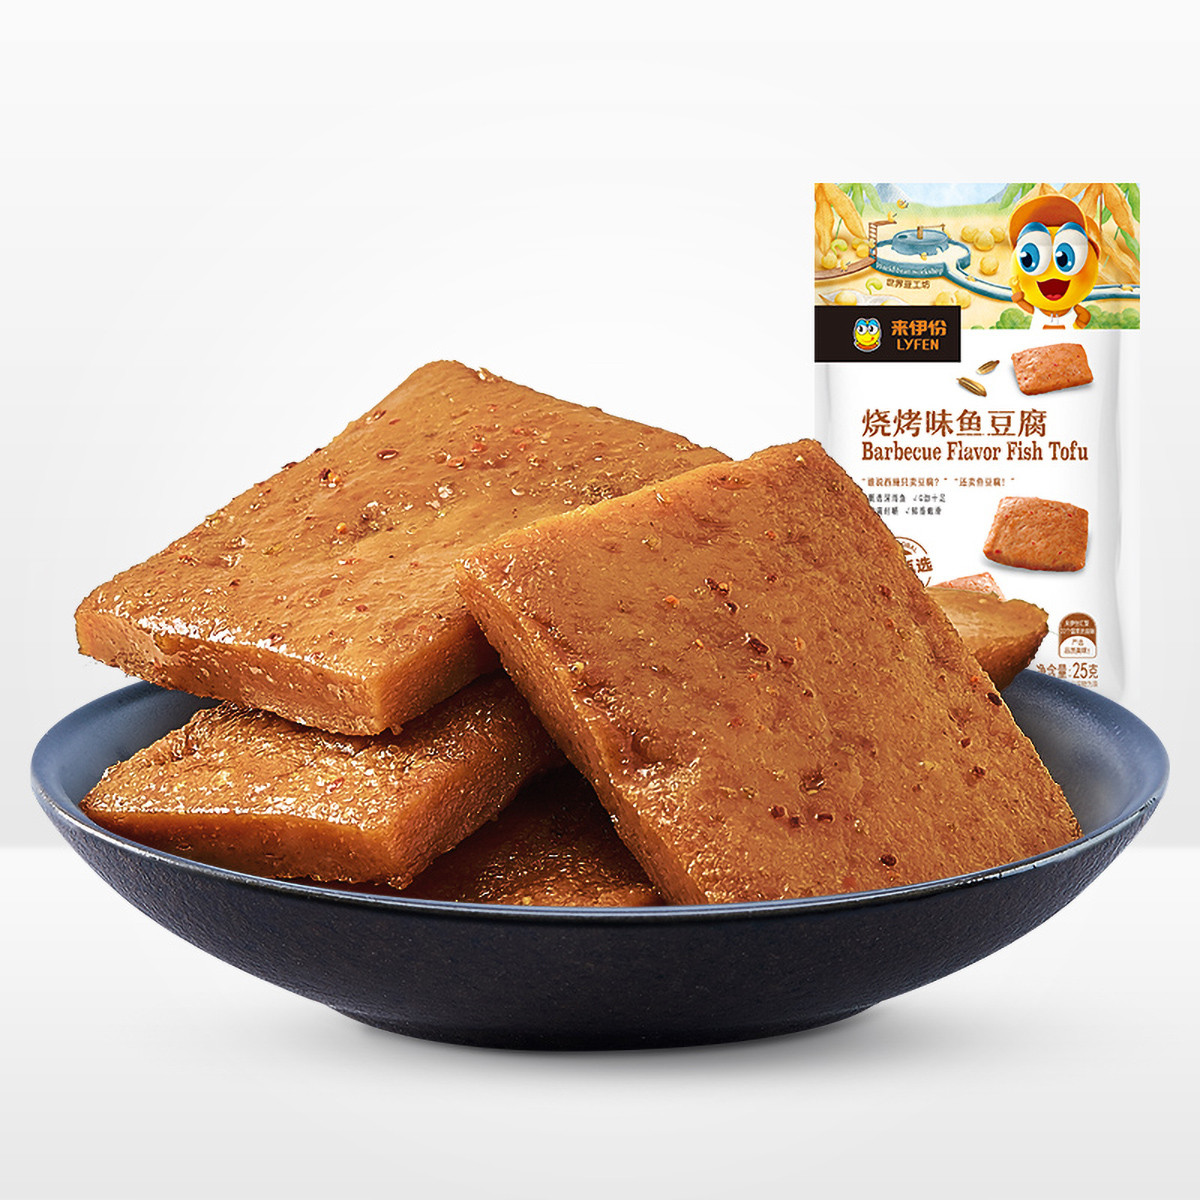 来伊份来伊份鱼豆腐原味150g豆制品豆干素肉素食休闲食品COLOR其它颜色